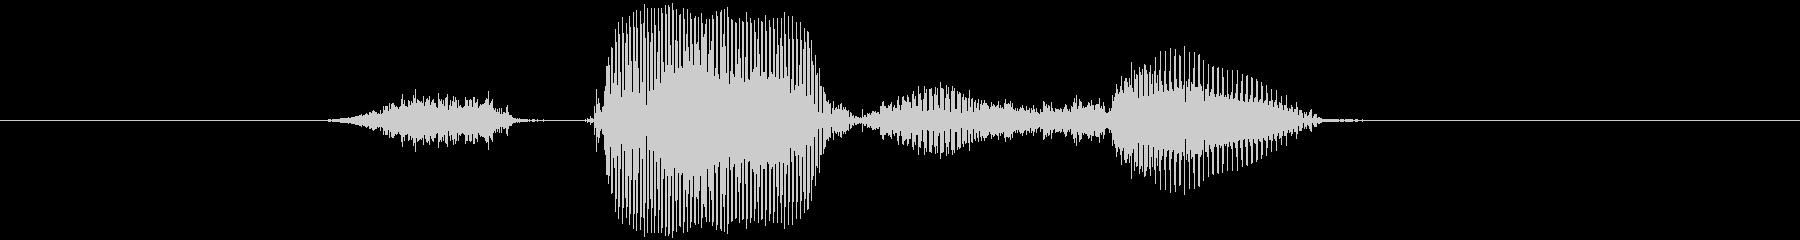 ステージ3(さん)の未再生の波形